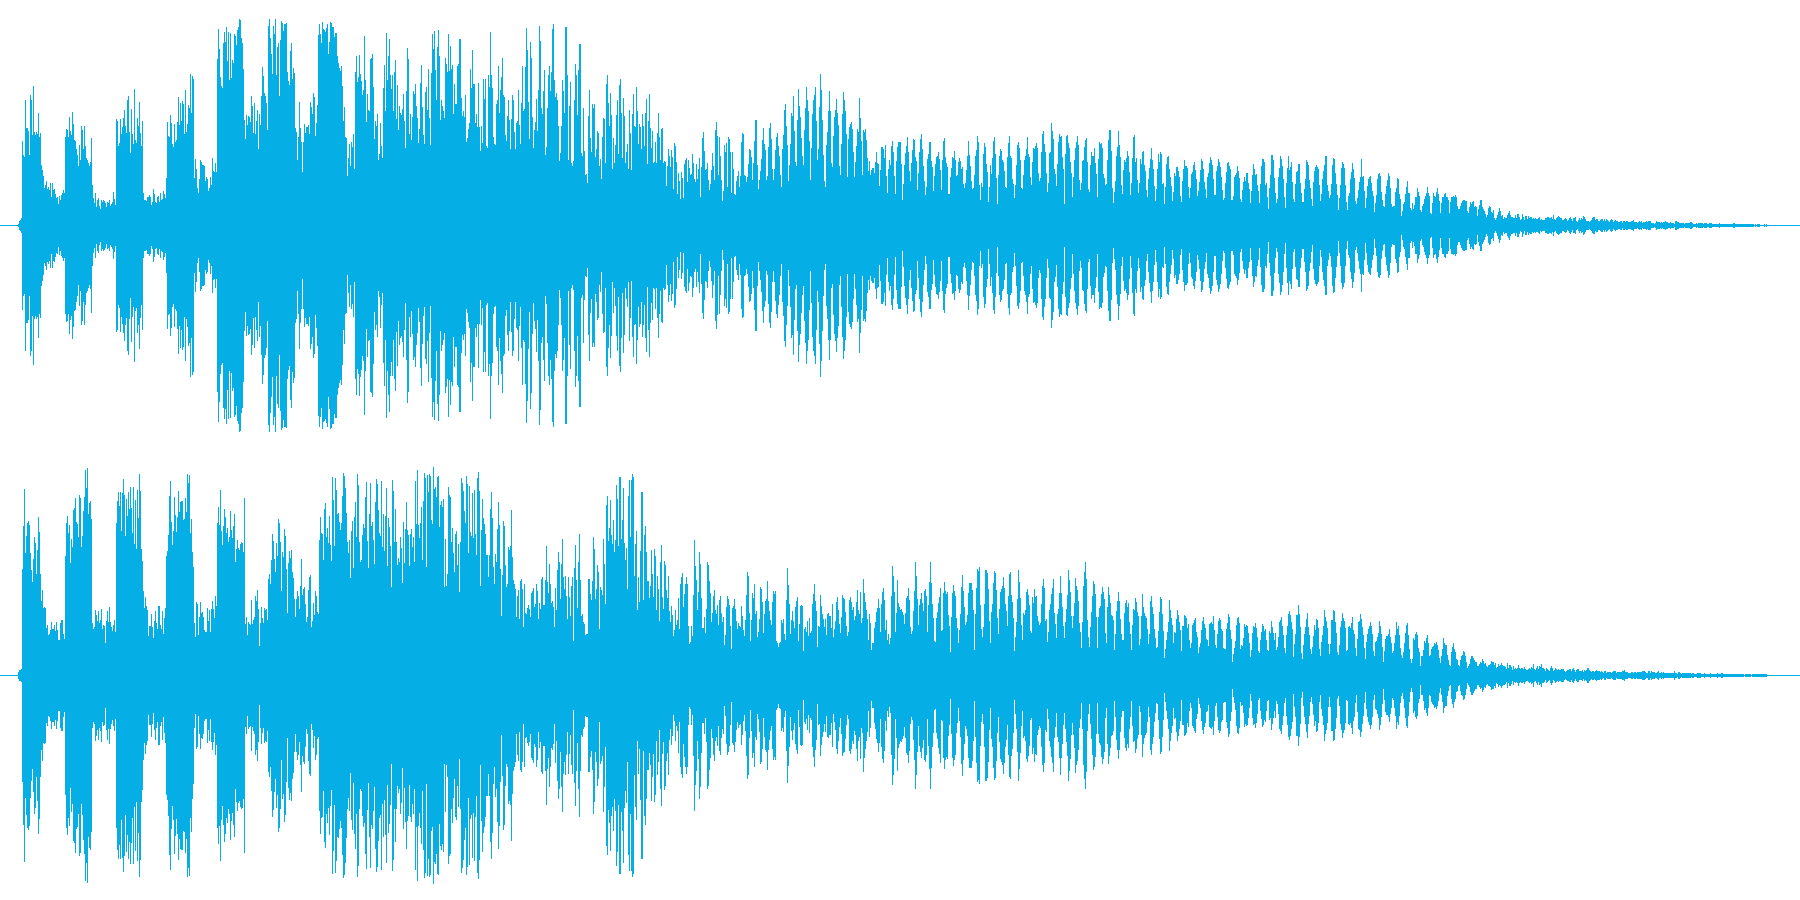 「ビュビュビュビュビューン(シンセ音)」の再生済みの波形